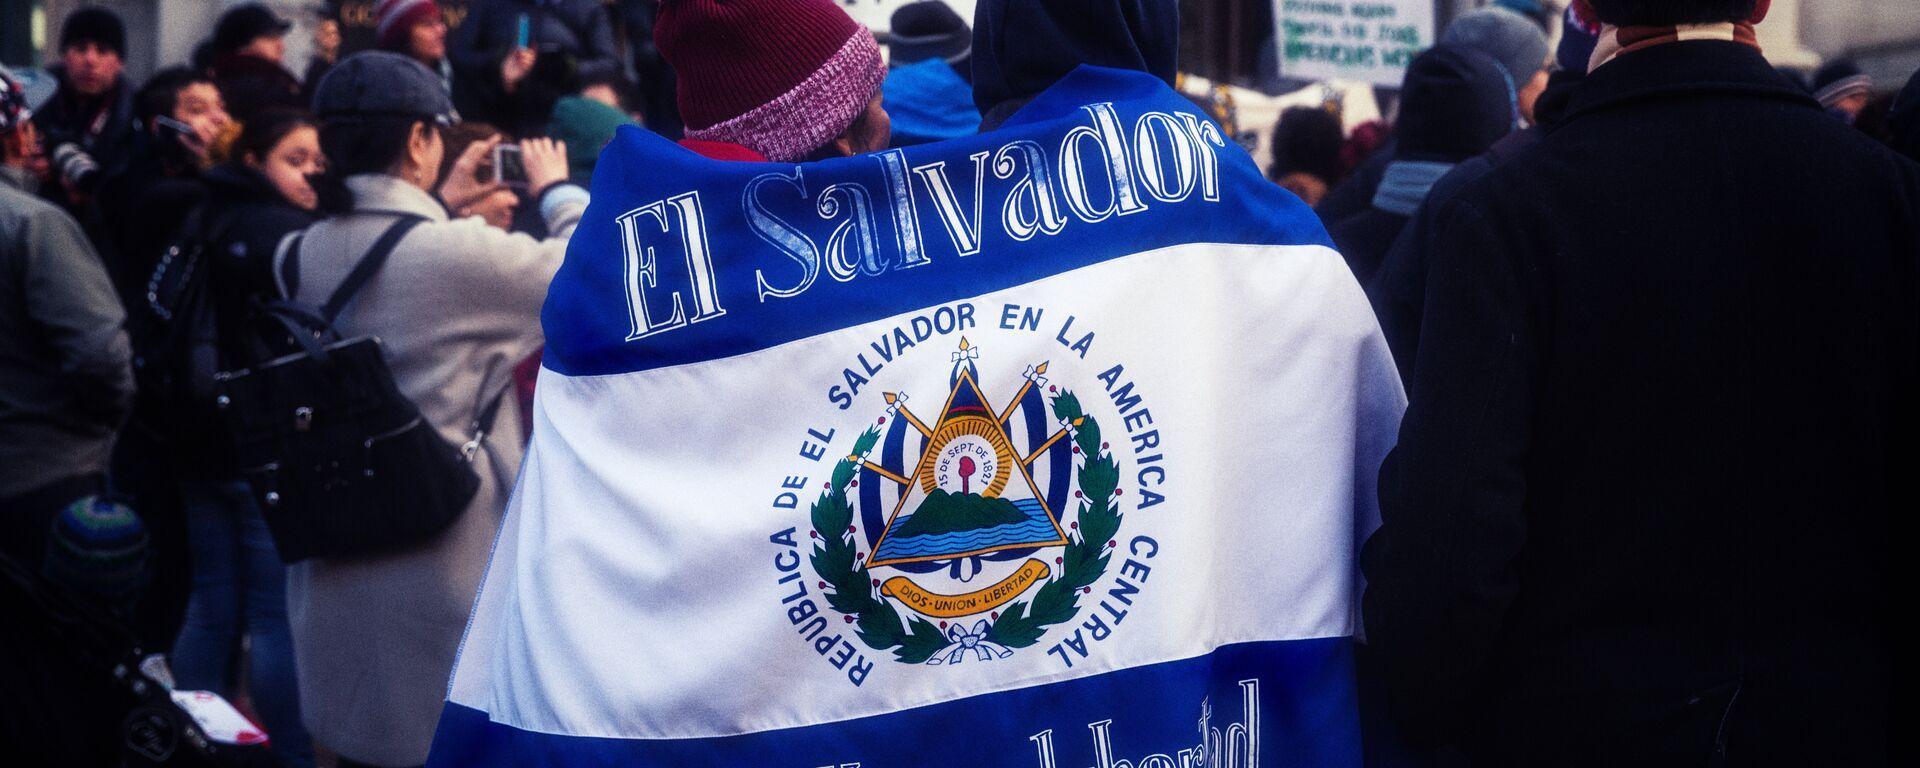 Bandera de El Salvador  - Sputnik Mundo, 1920, 21.01.2021